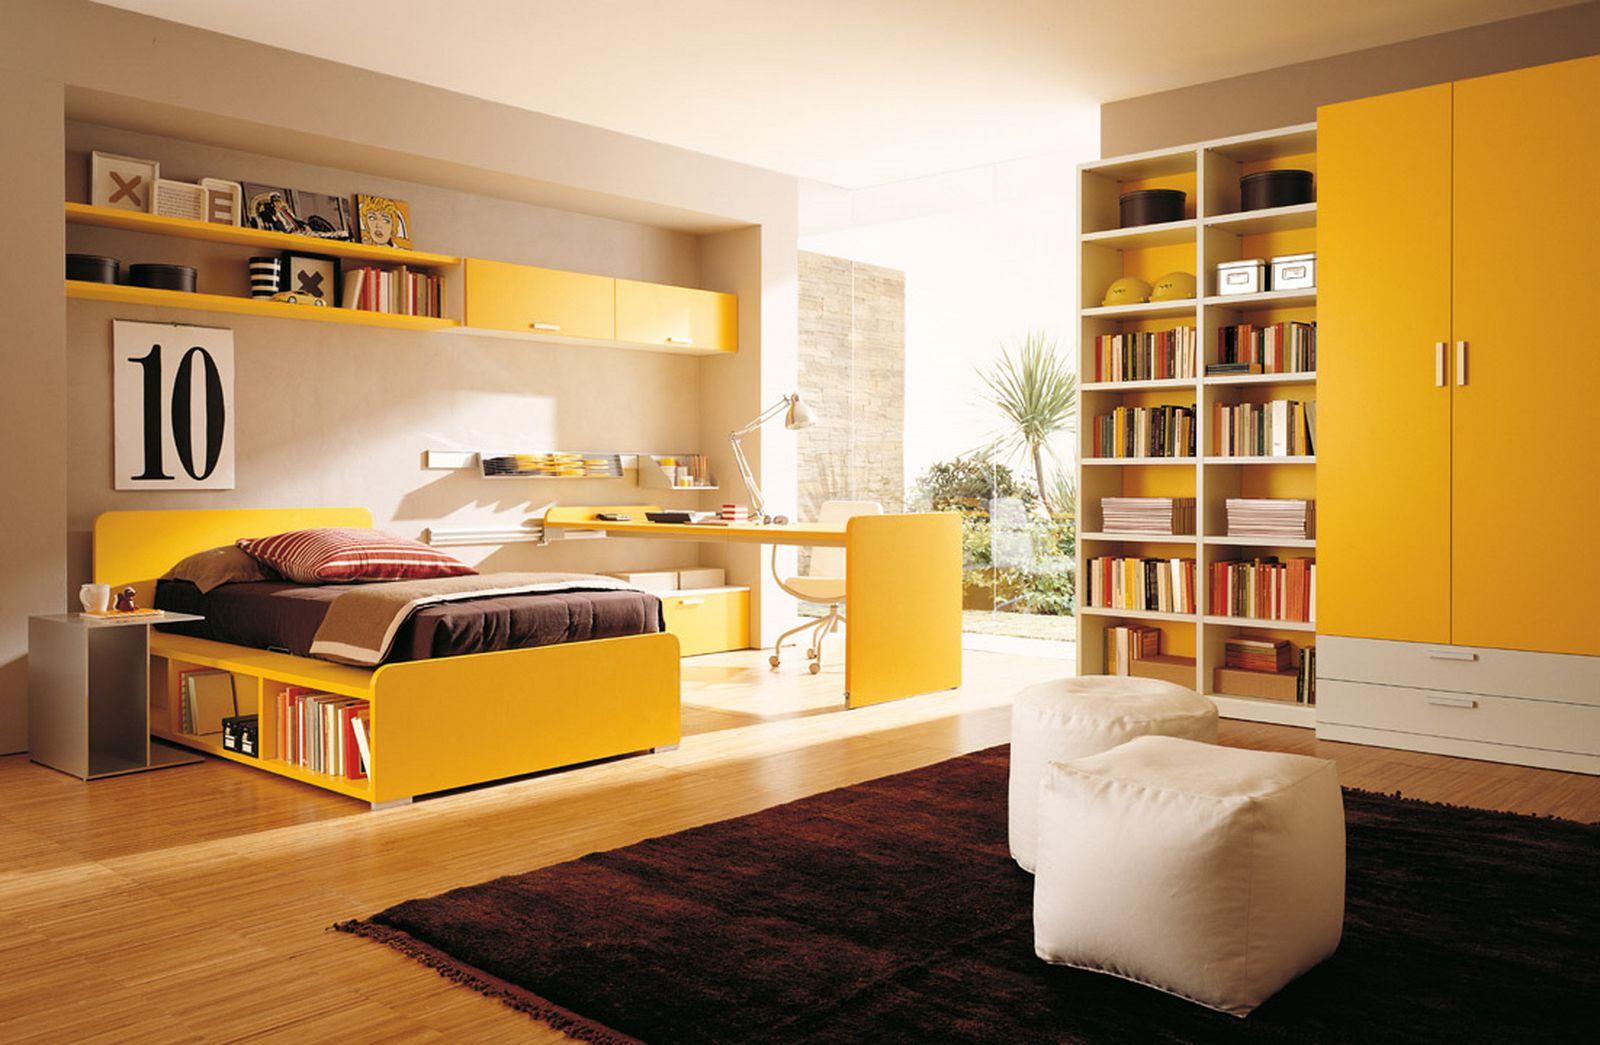 Dormitor pe galben pentru copil